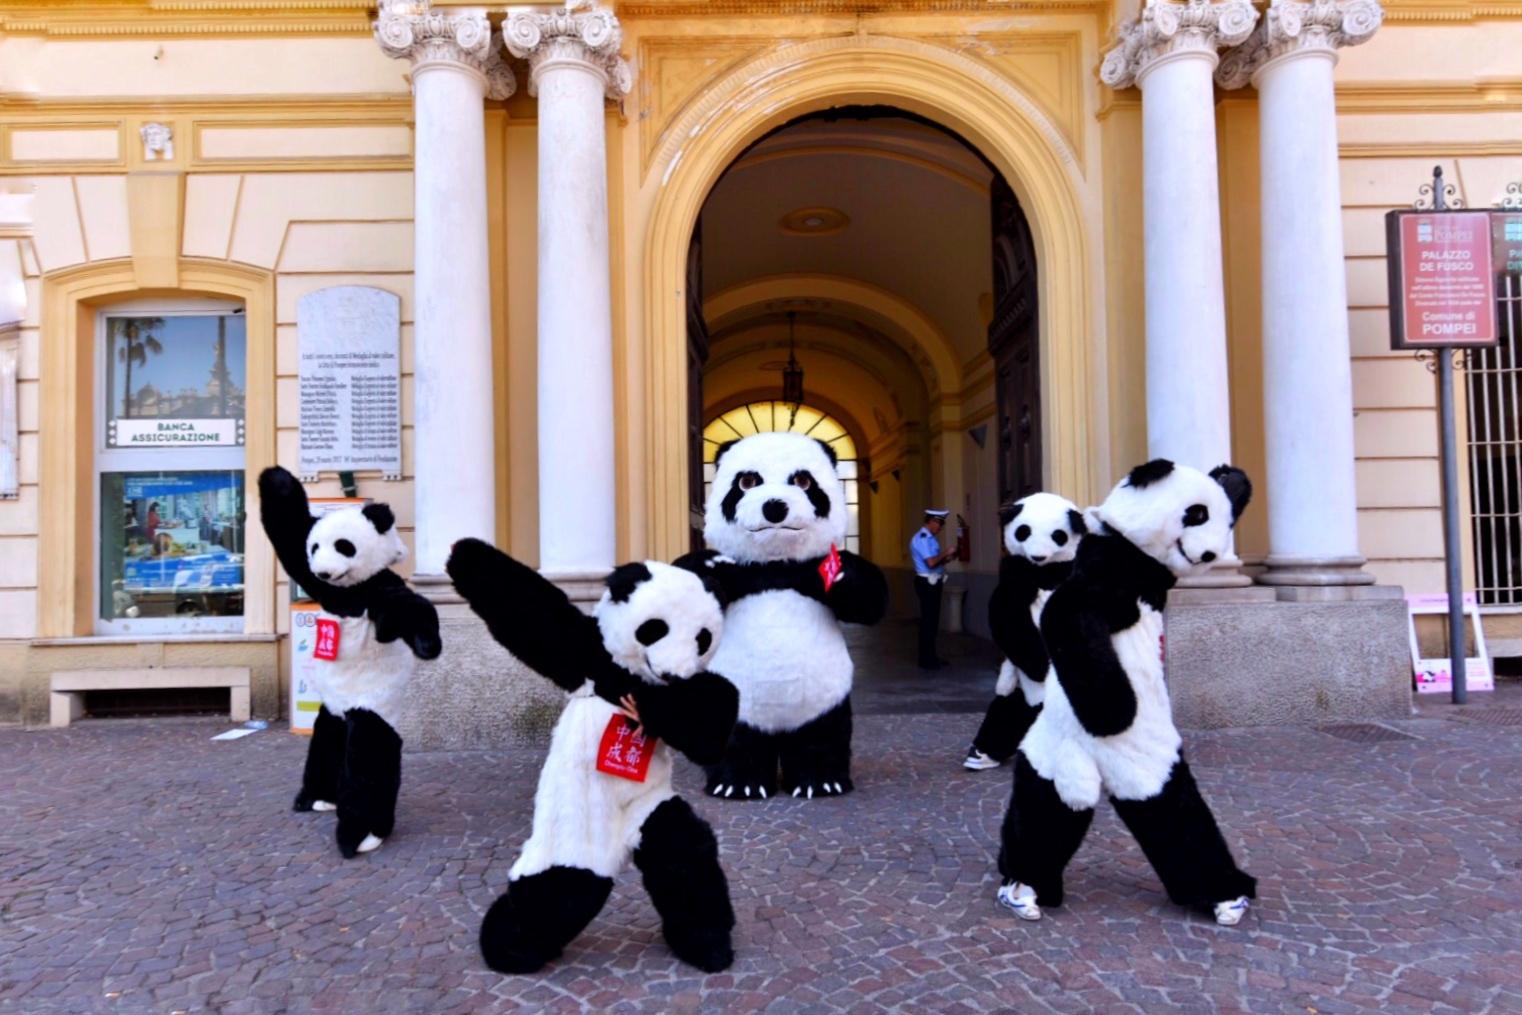 Panda Flash Mob Debuts at the Royal Palace of Naples to